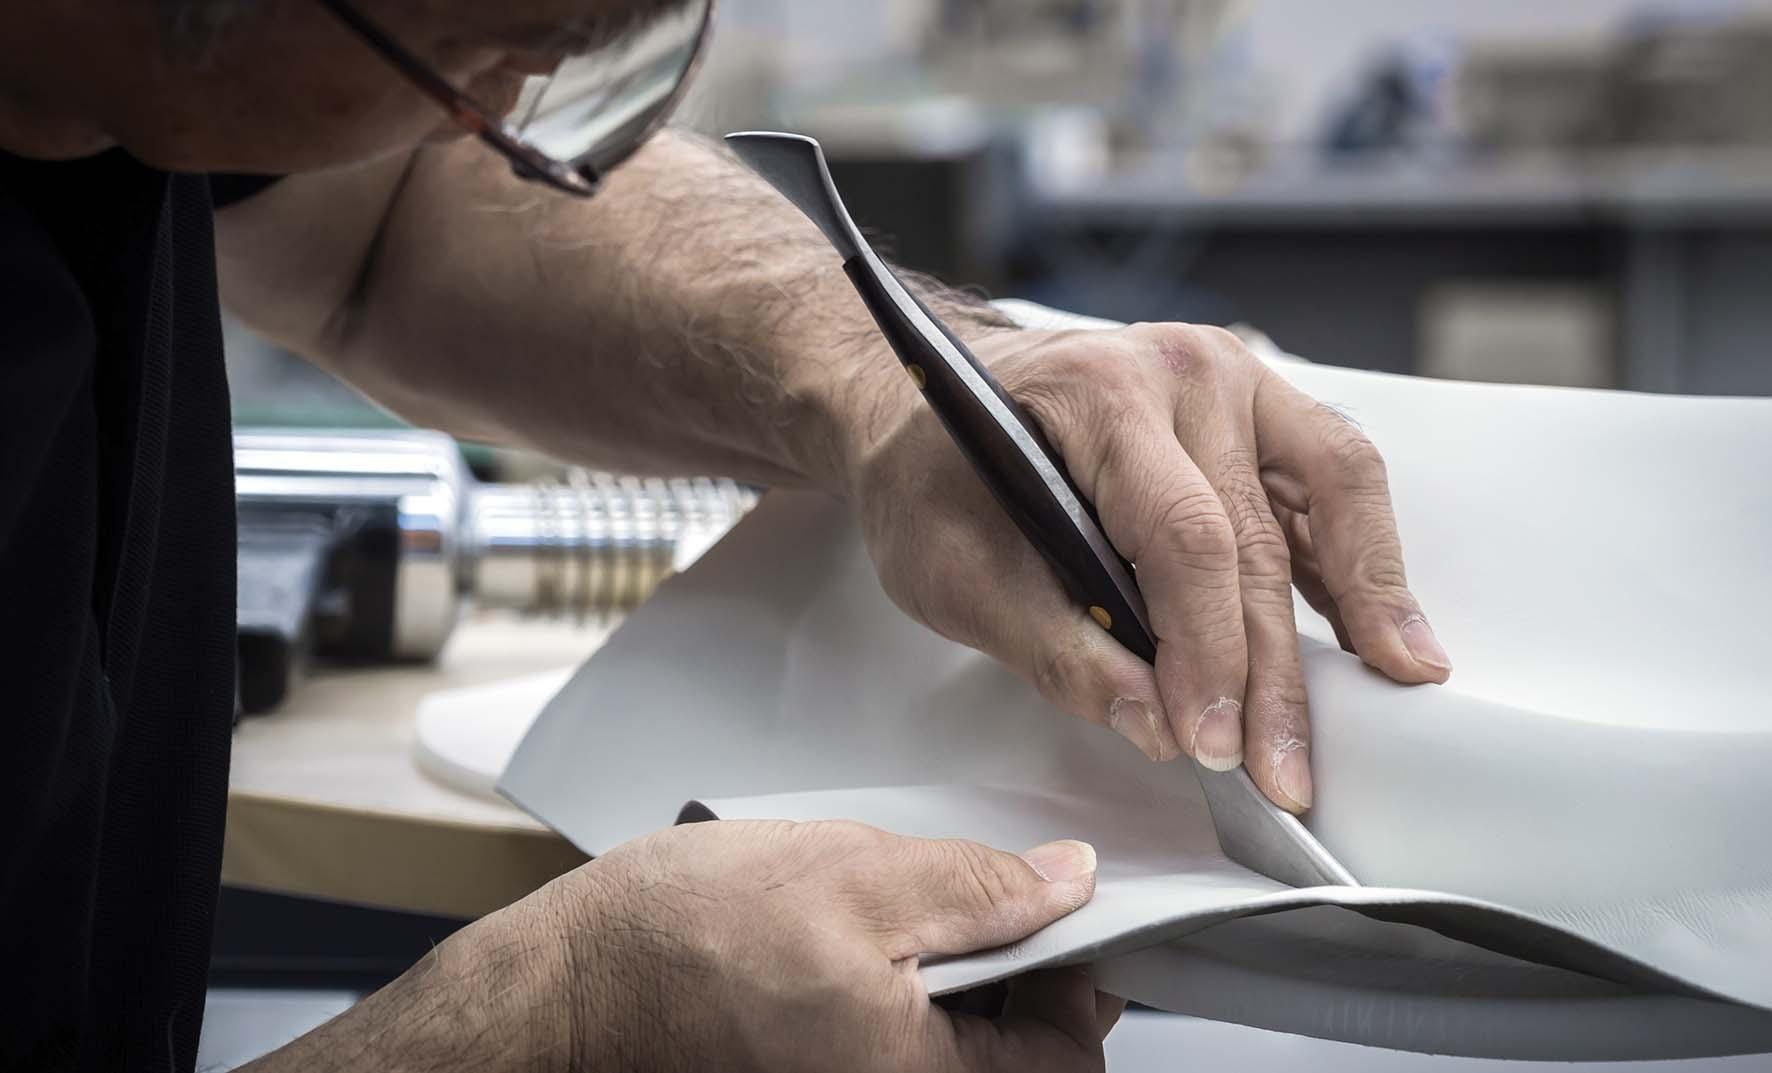 infiniti Q70 lavorazione selliera pelle artigiano taglio